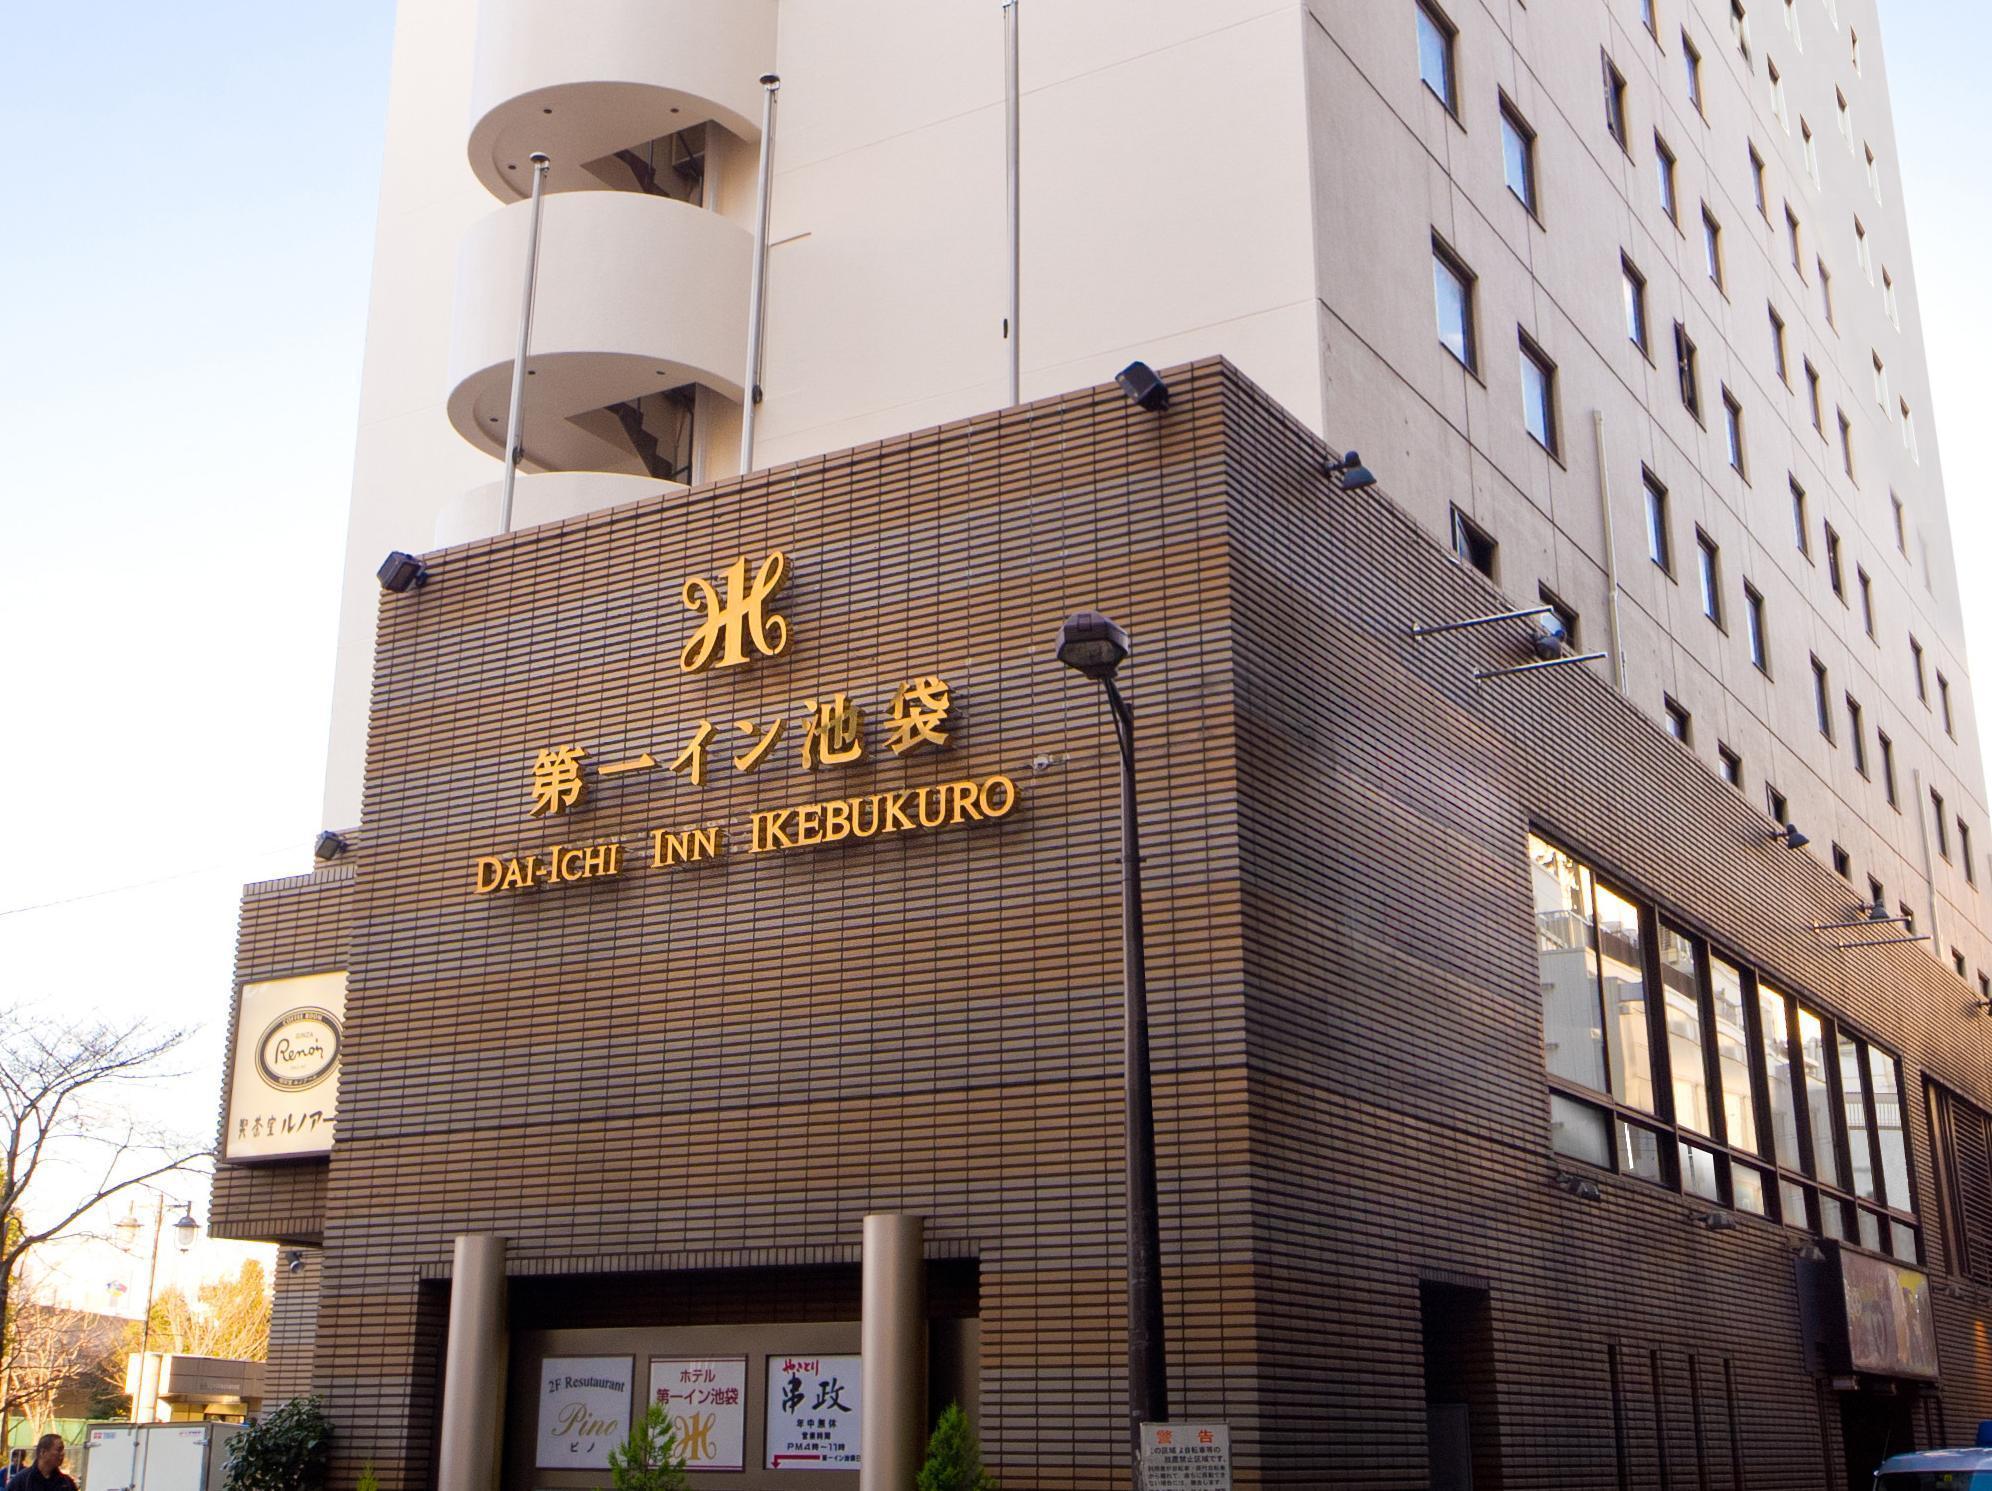 Dai-ichi Inn Ikebukuro Hotel